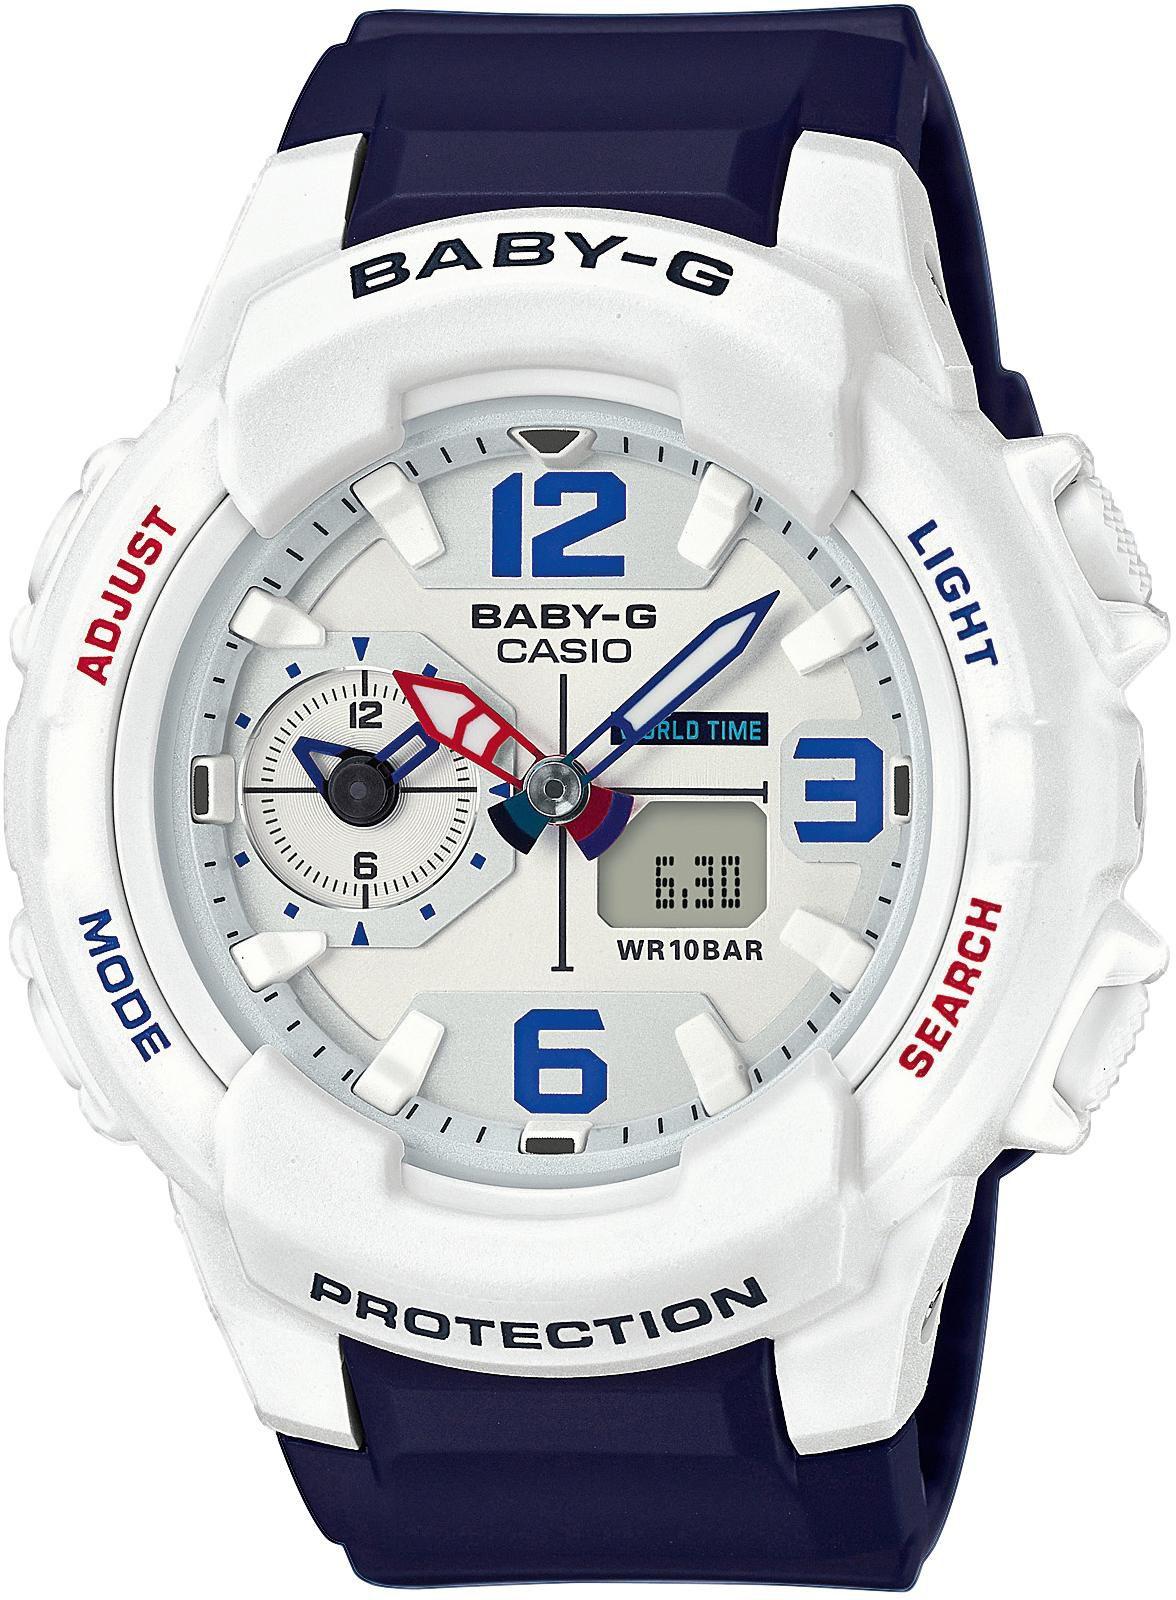 CASIO BABY G Baby-G Damenuhr Weiß/Blau Casio weiß